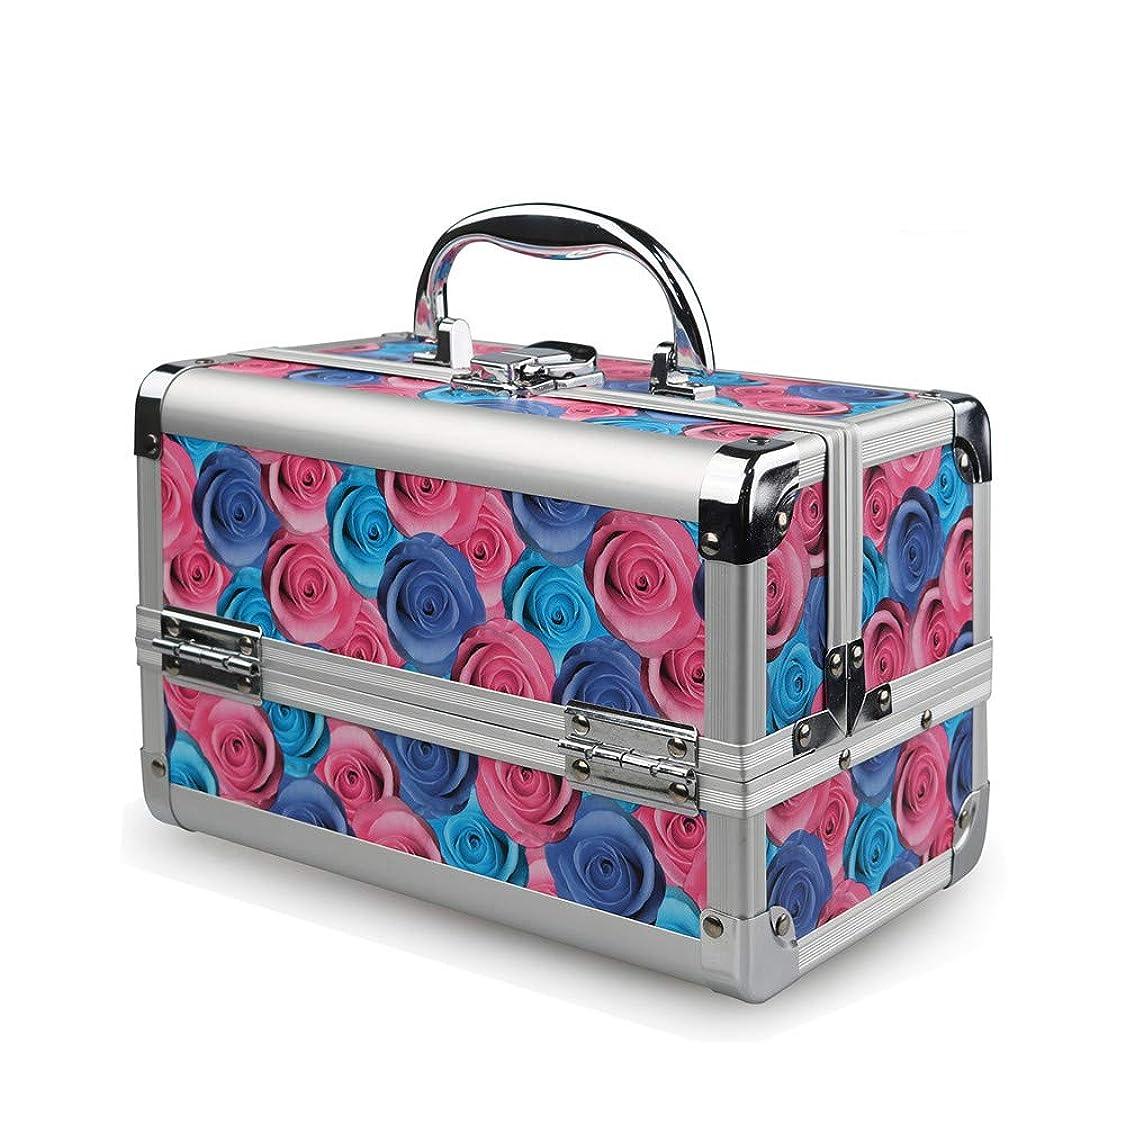 成功した価値不名誉な特大スペース収納ビューティーボックス 美の構造のためそしてジッパーおよび折る皿が付いている女の子の女性旅行そして毎日の貯蔵のための高容量の携帯用化粧品袋 化粧品化粧台